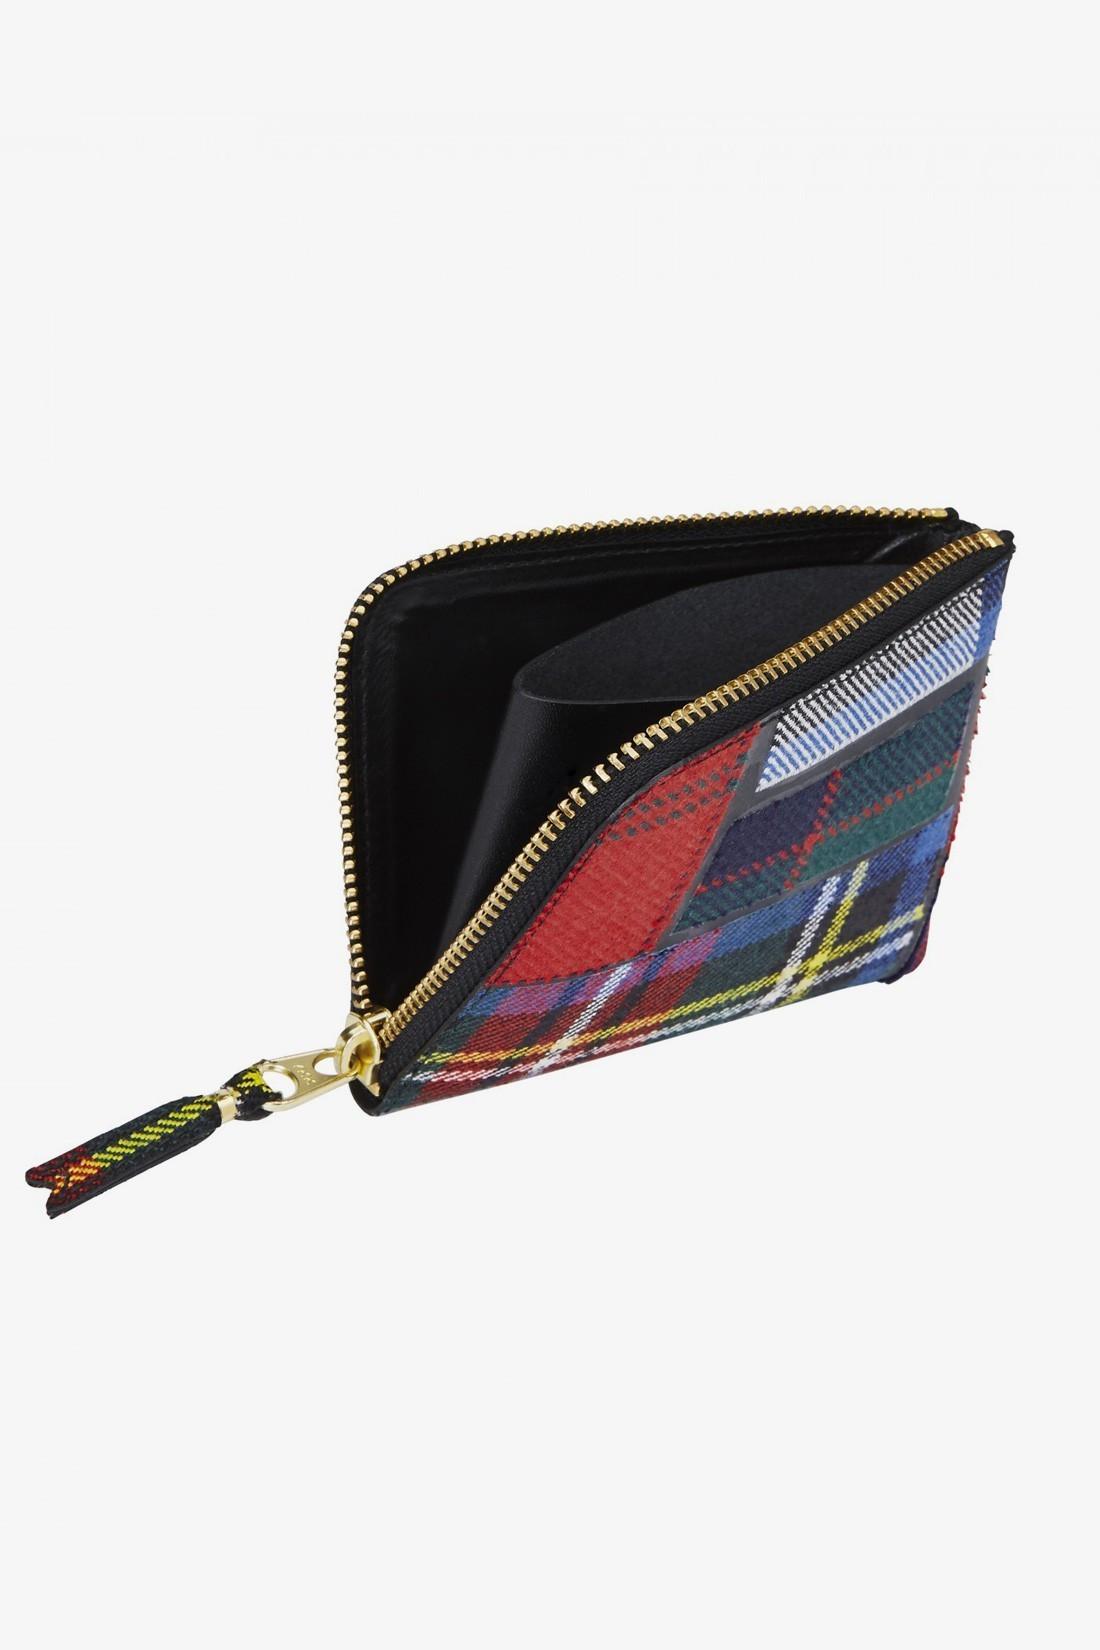 COMME DES GARÇONS WALLETS / Cdg wallet tartan patchwork Red